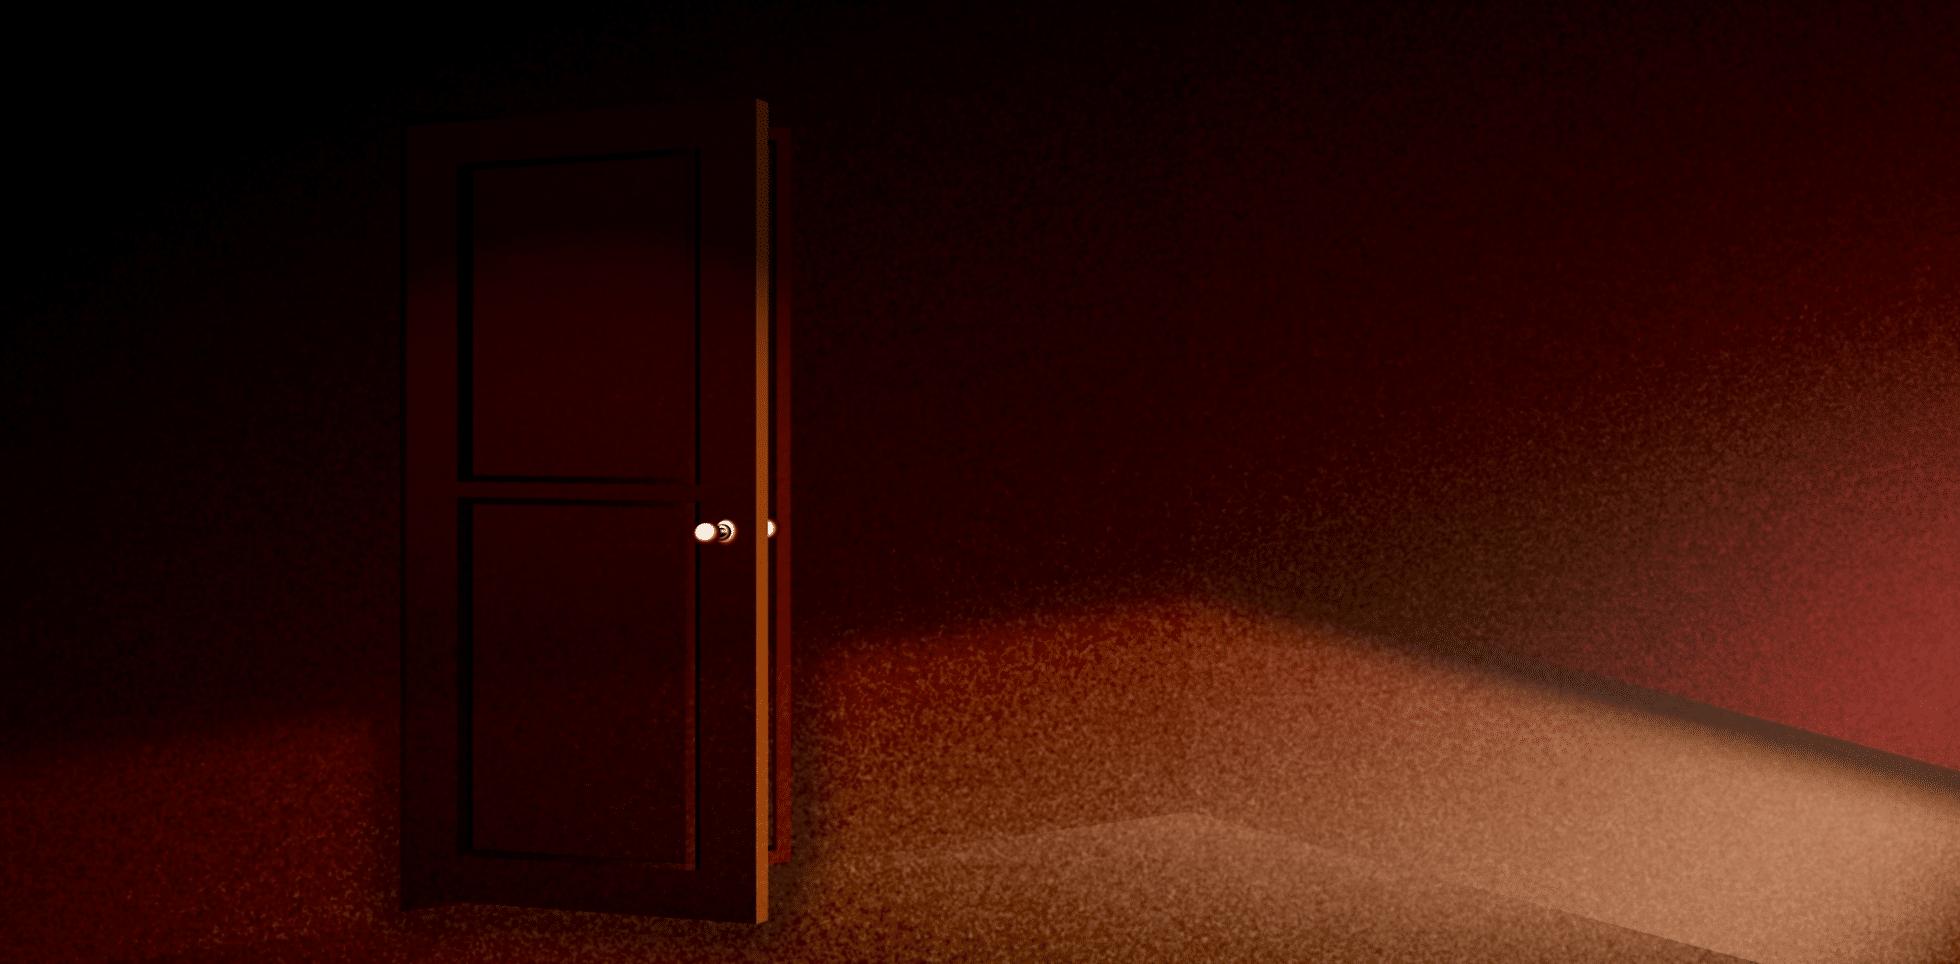 オカルト への扉